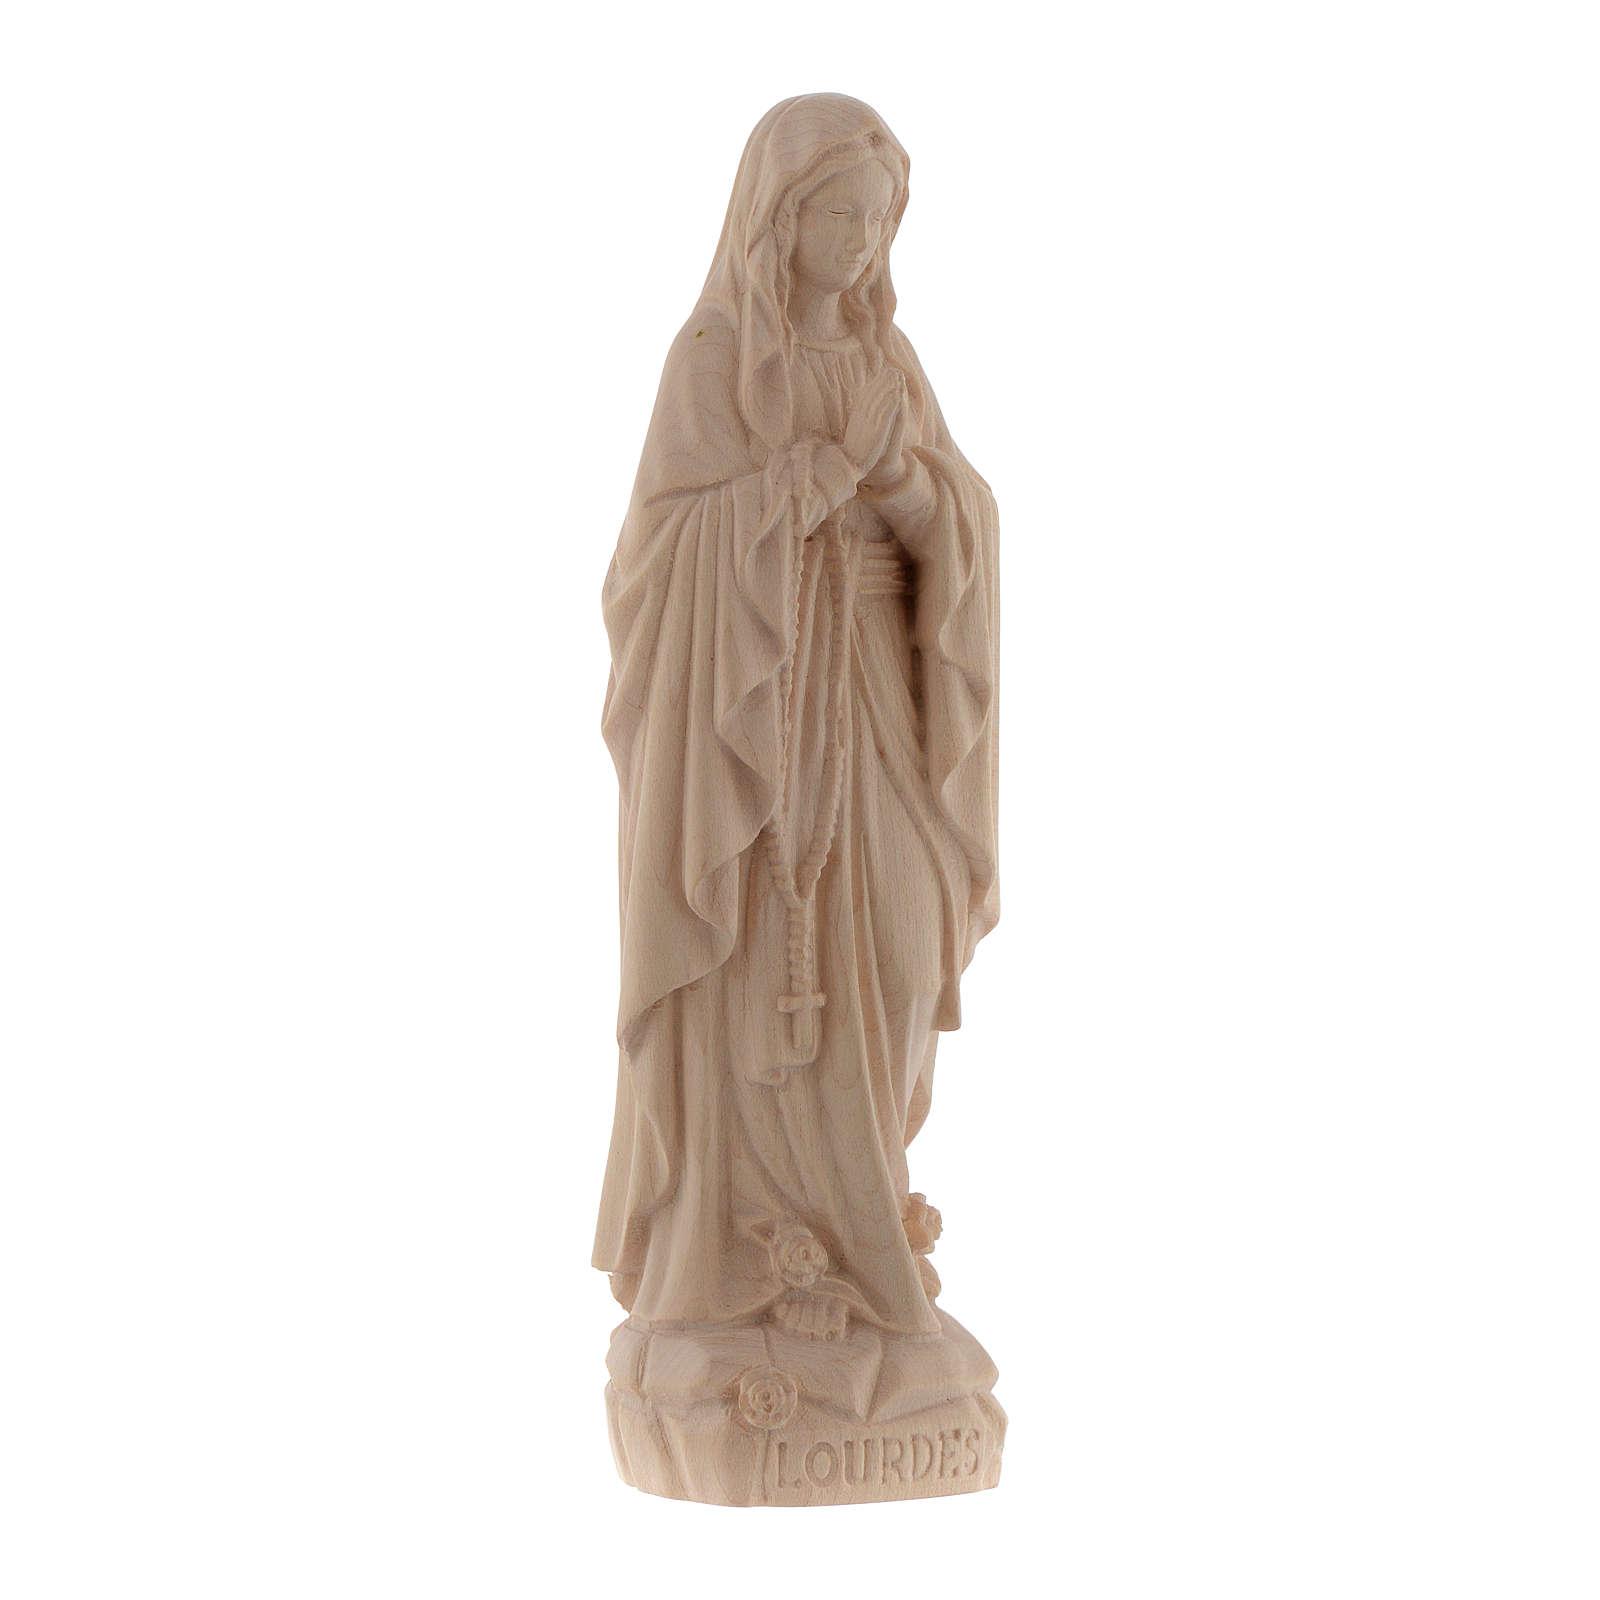 Statua Madonna Lourdes Valgardena naturale 4